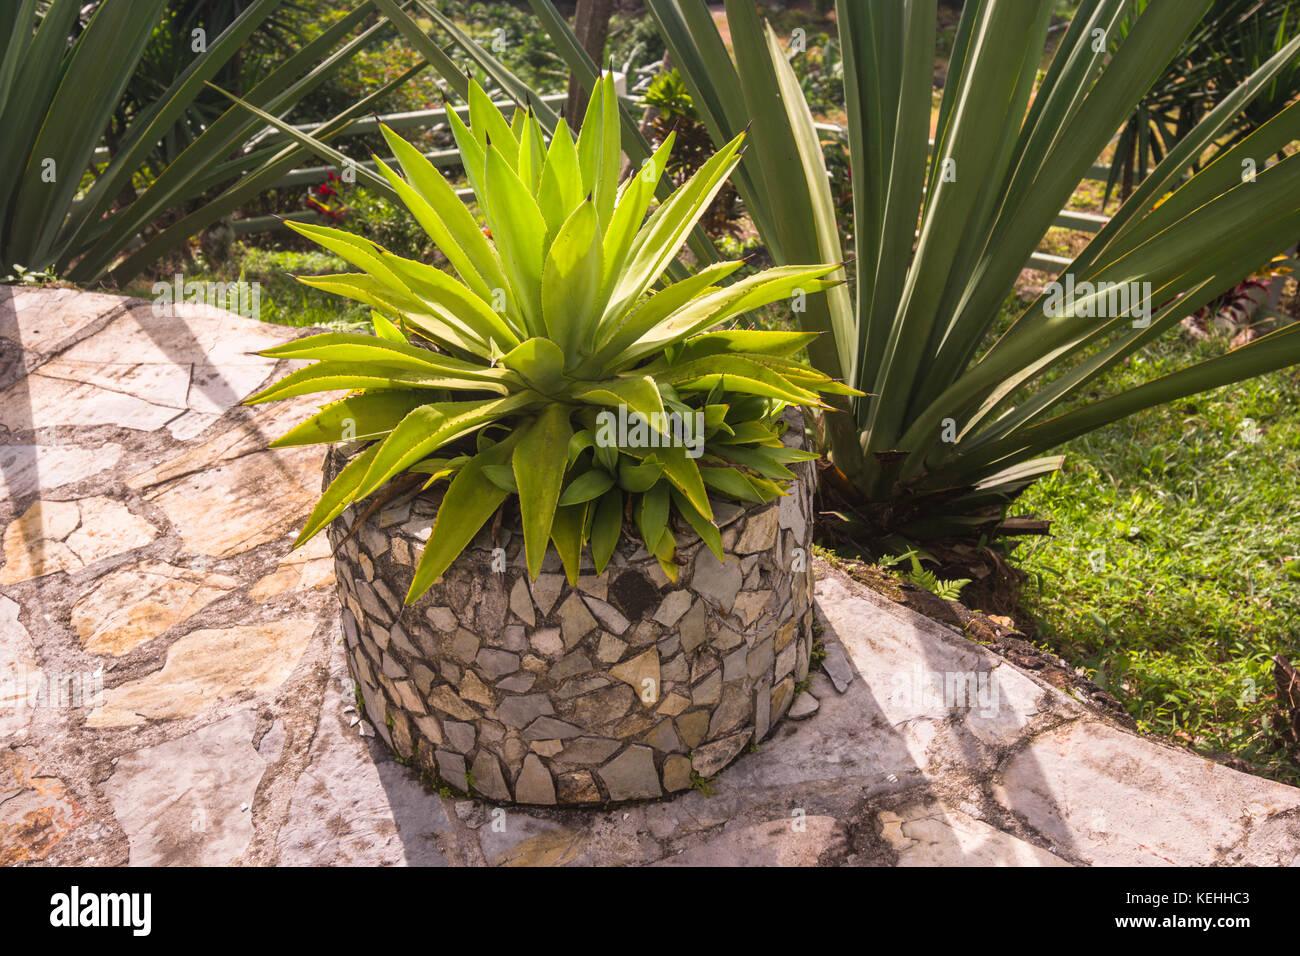 Garden ideas recycling old tires into garden planters Stock Photo ...